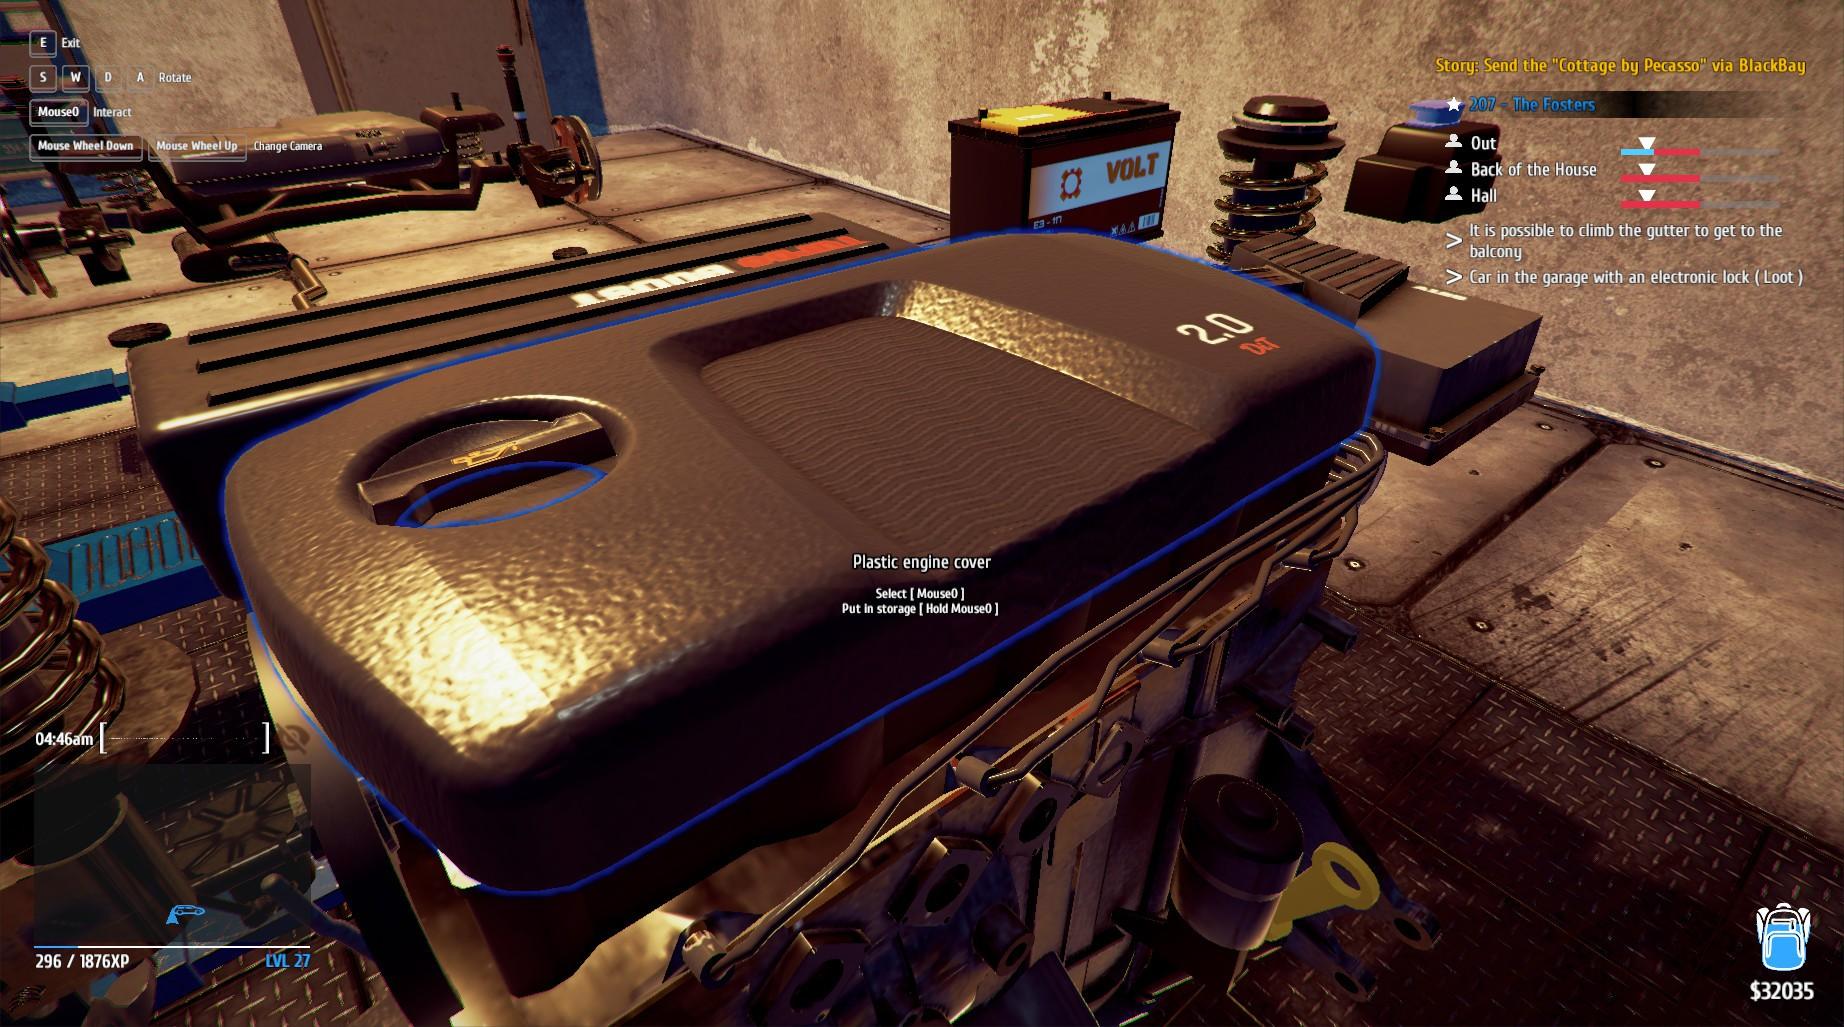 《小偷模拟器》Steam版正式发售 体验当神偷的感觉